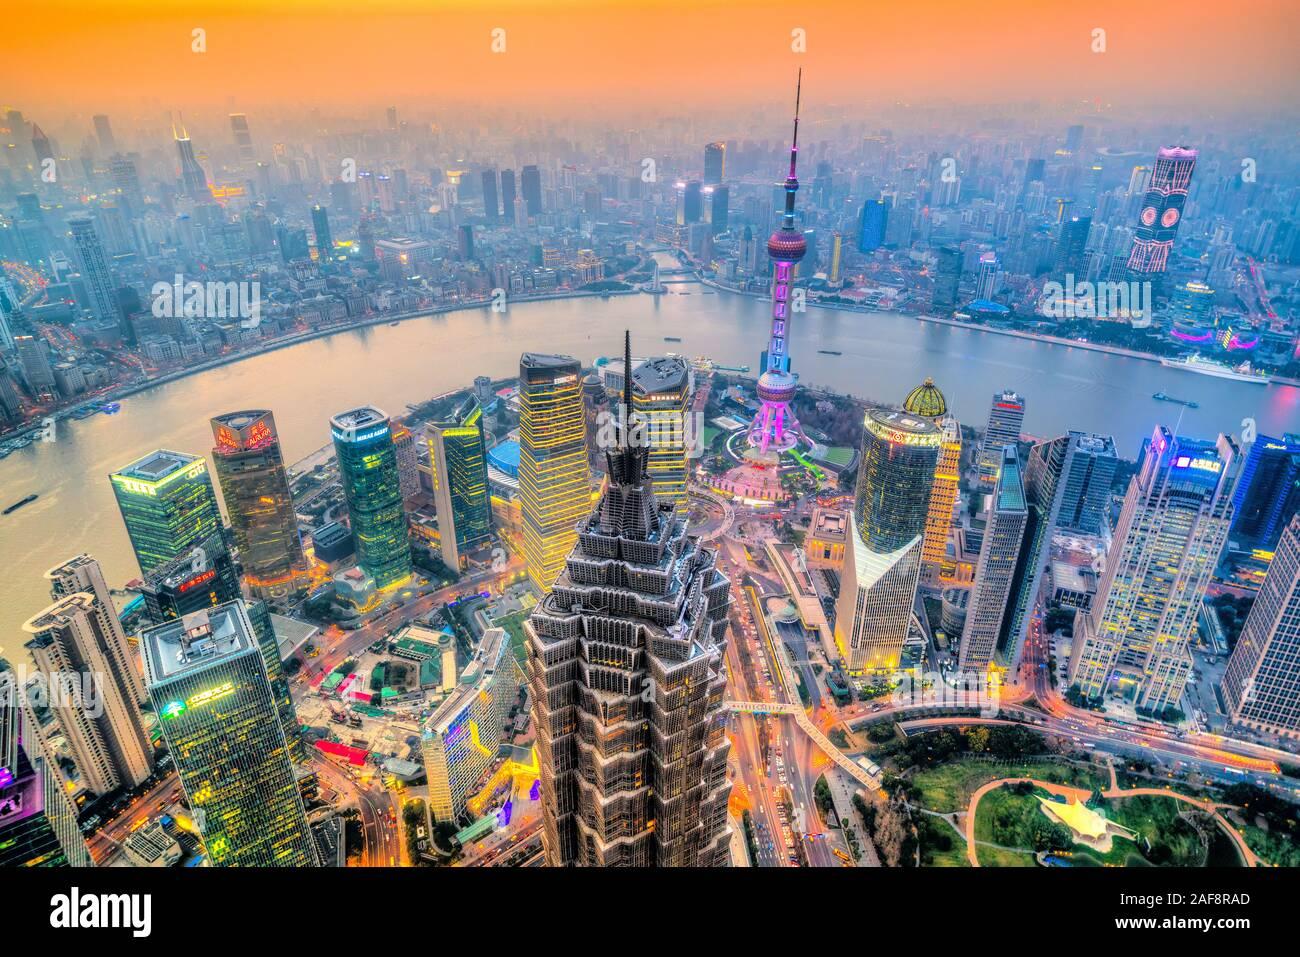 SHANGHAI, China - 15. FEBRUAR 2018: die Wolkenkratzer von Lujiazui Skyline, den Bund, den Fluss Huangpu, und dem Shanghai Tower. Shanghai ist die größte Cit Stockfoto